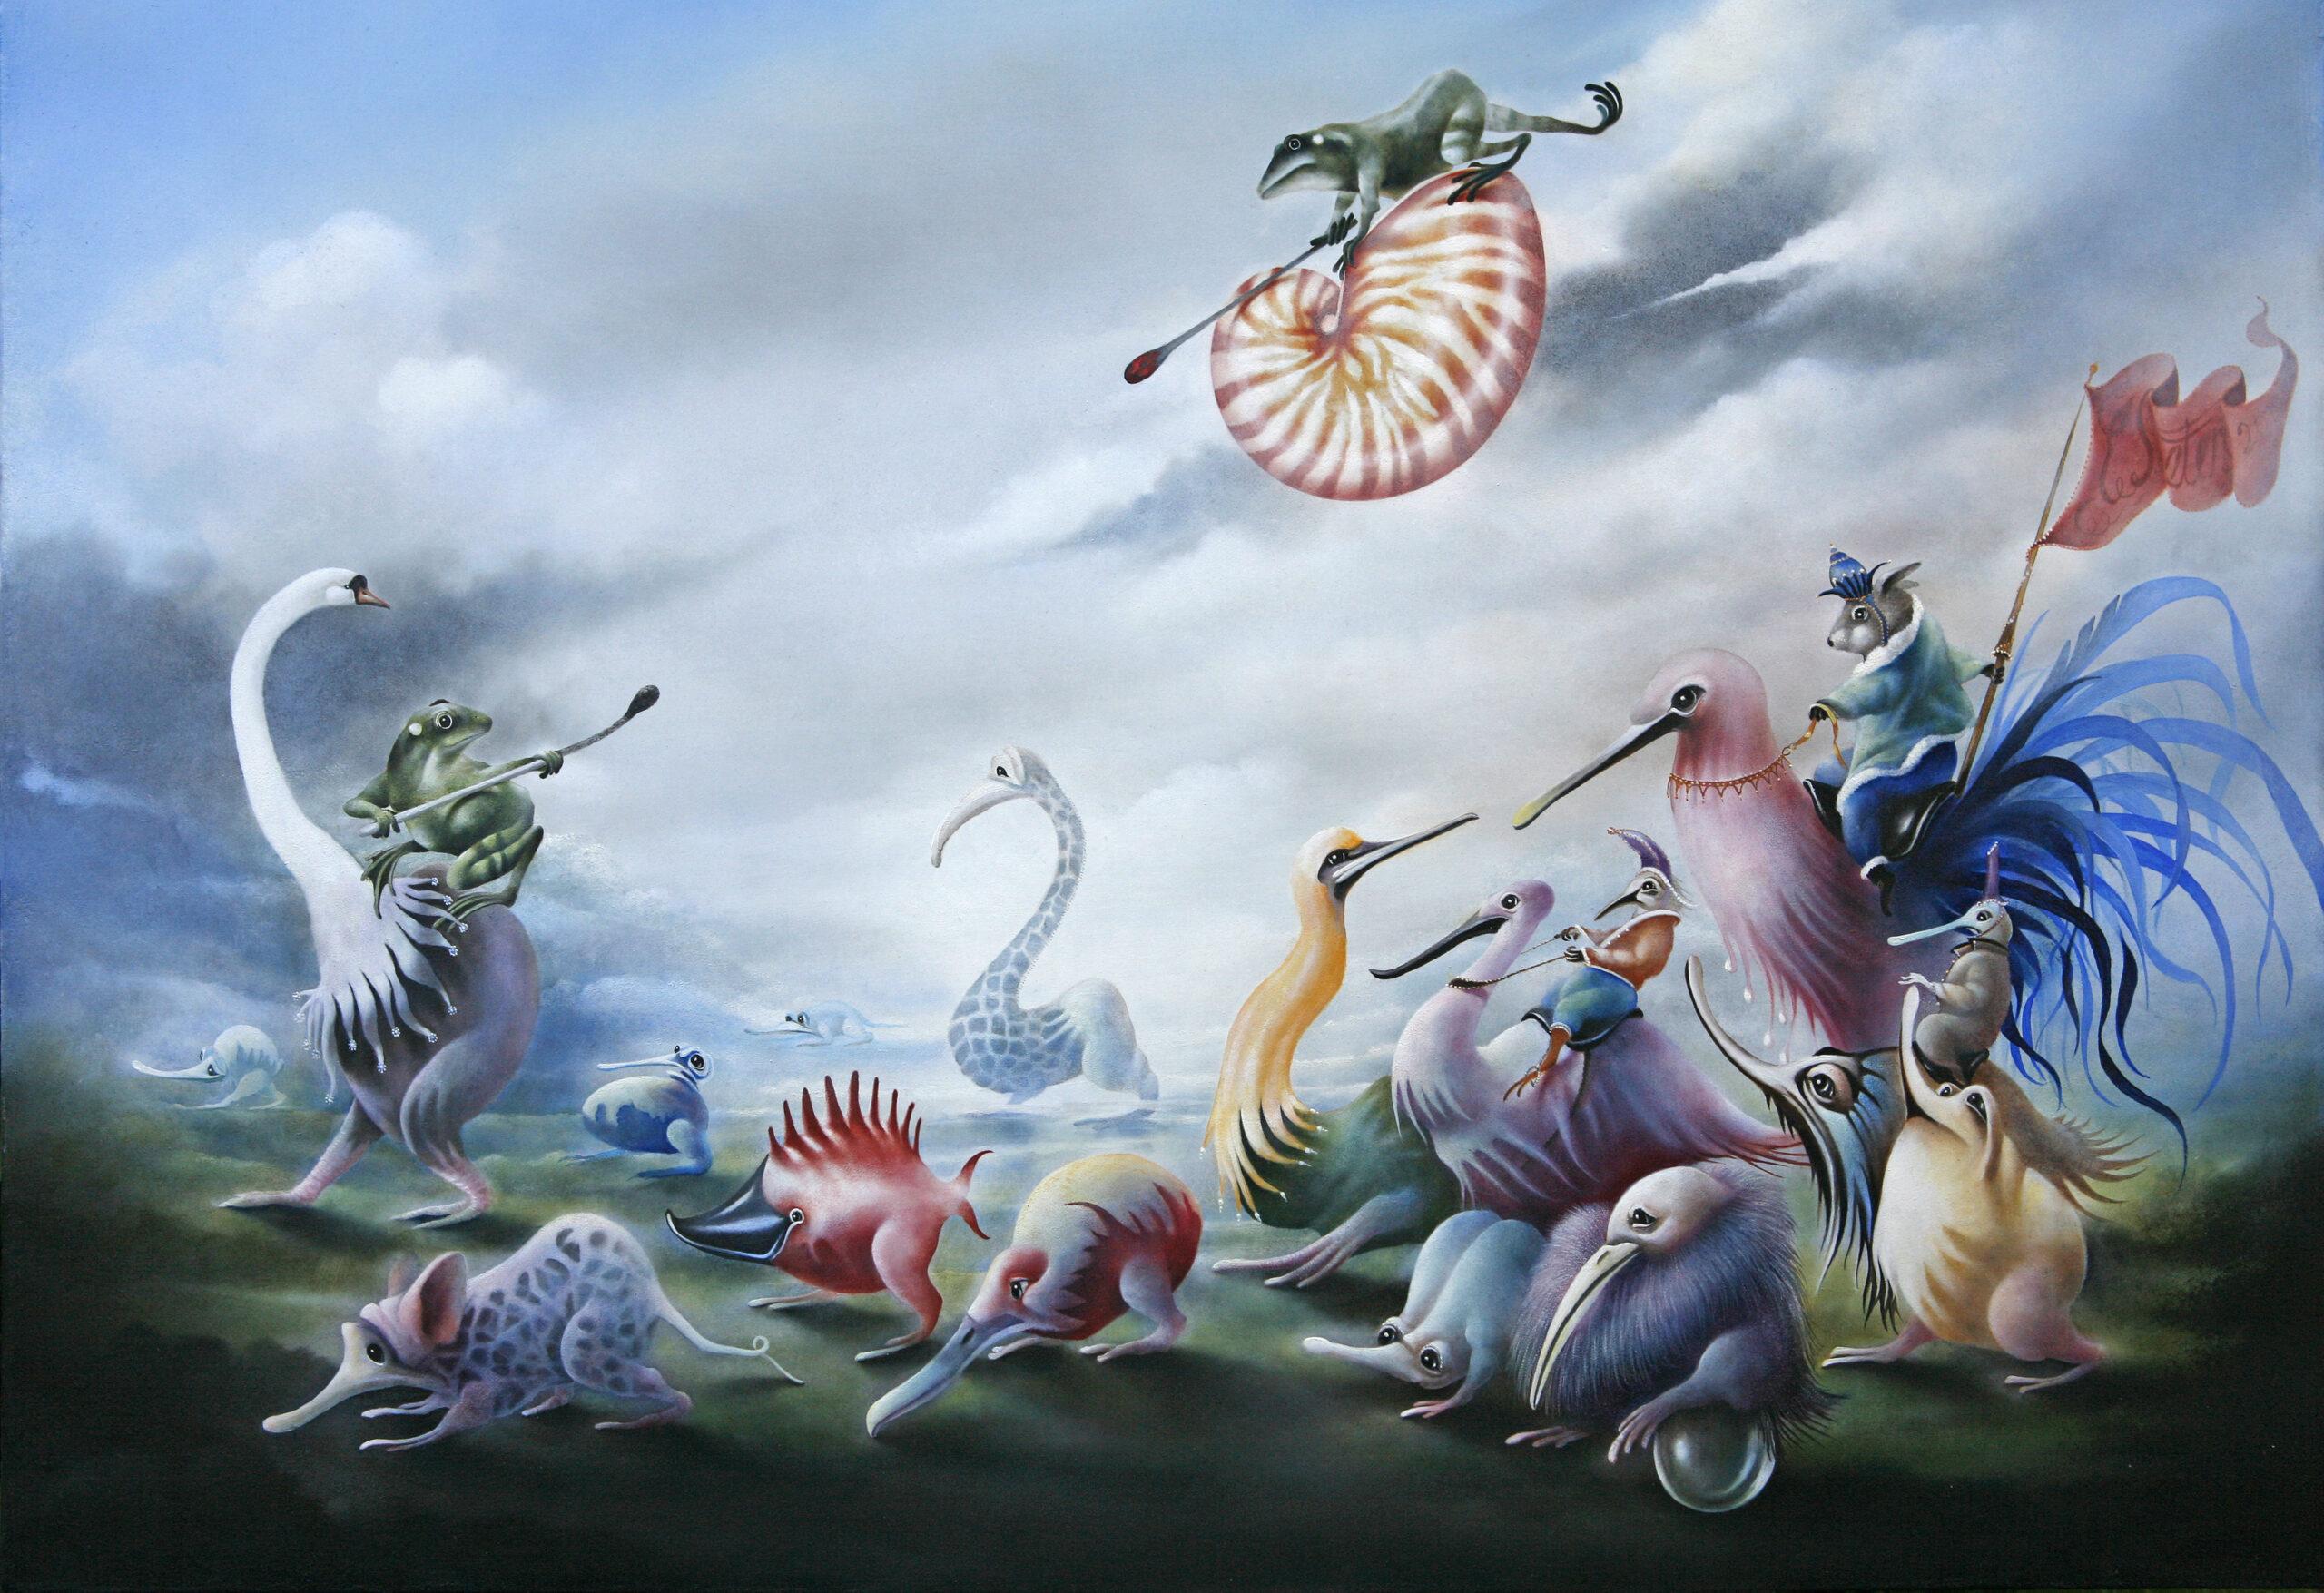 Attaque vanuit de lucht - schilderij - Eugene Peters